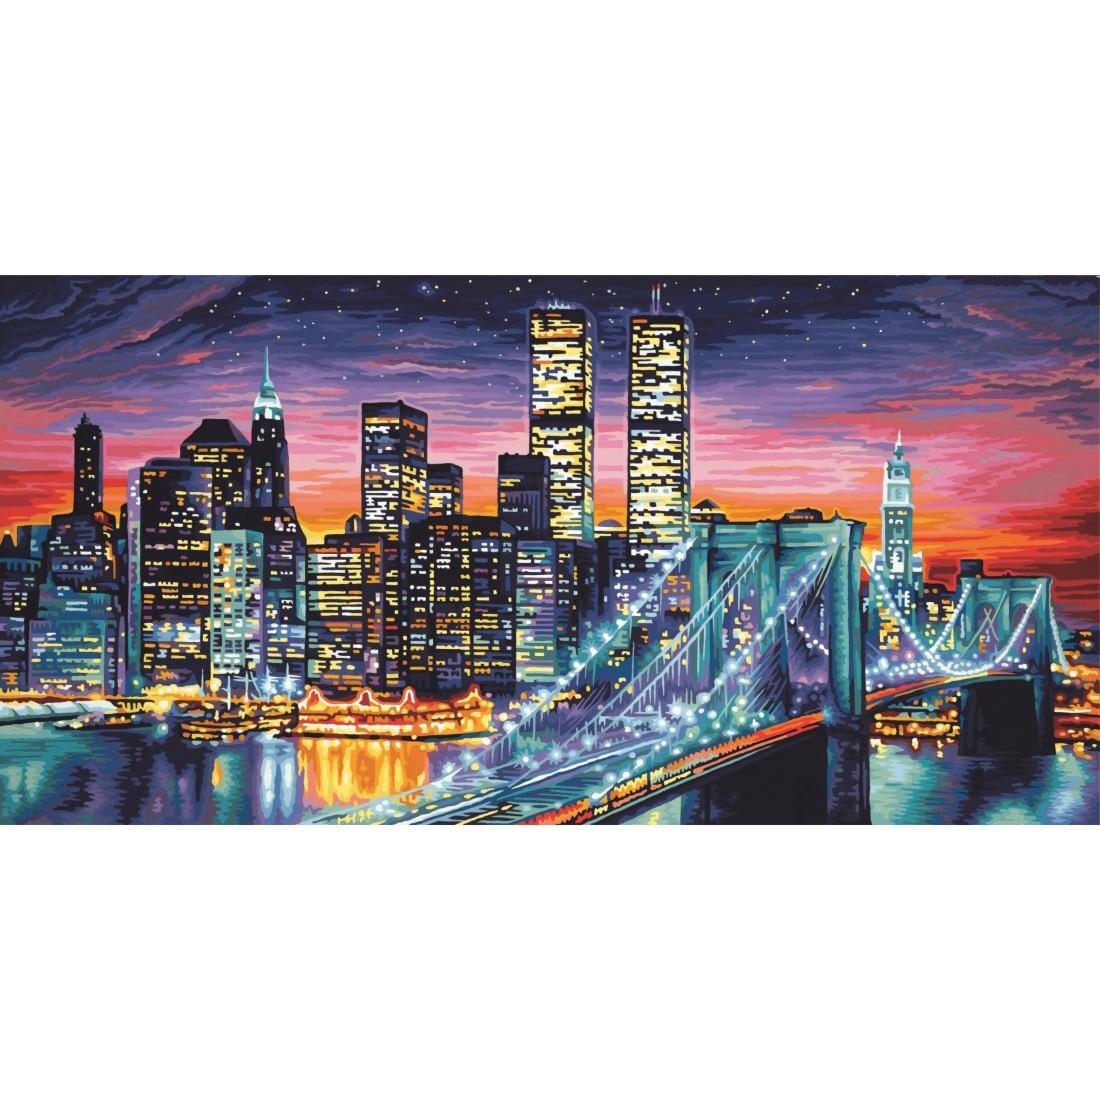 Manhattan bei Nacht Schipper Malen nach Zahlen, 42,49 €